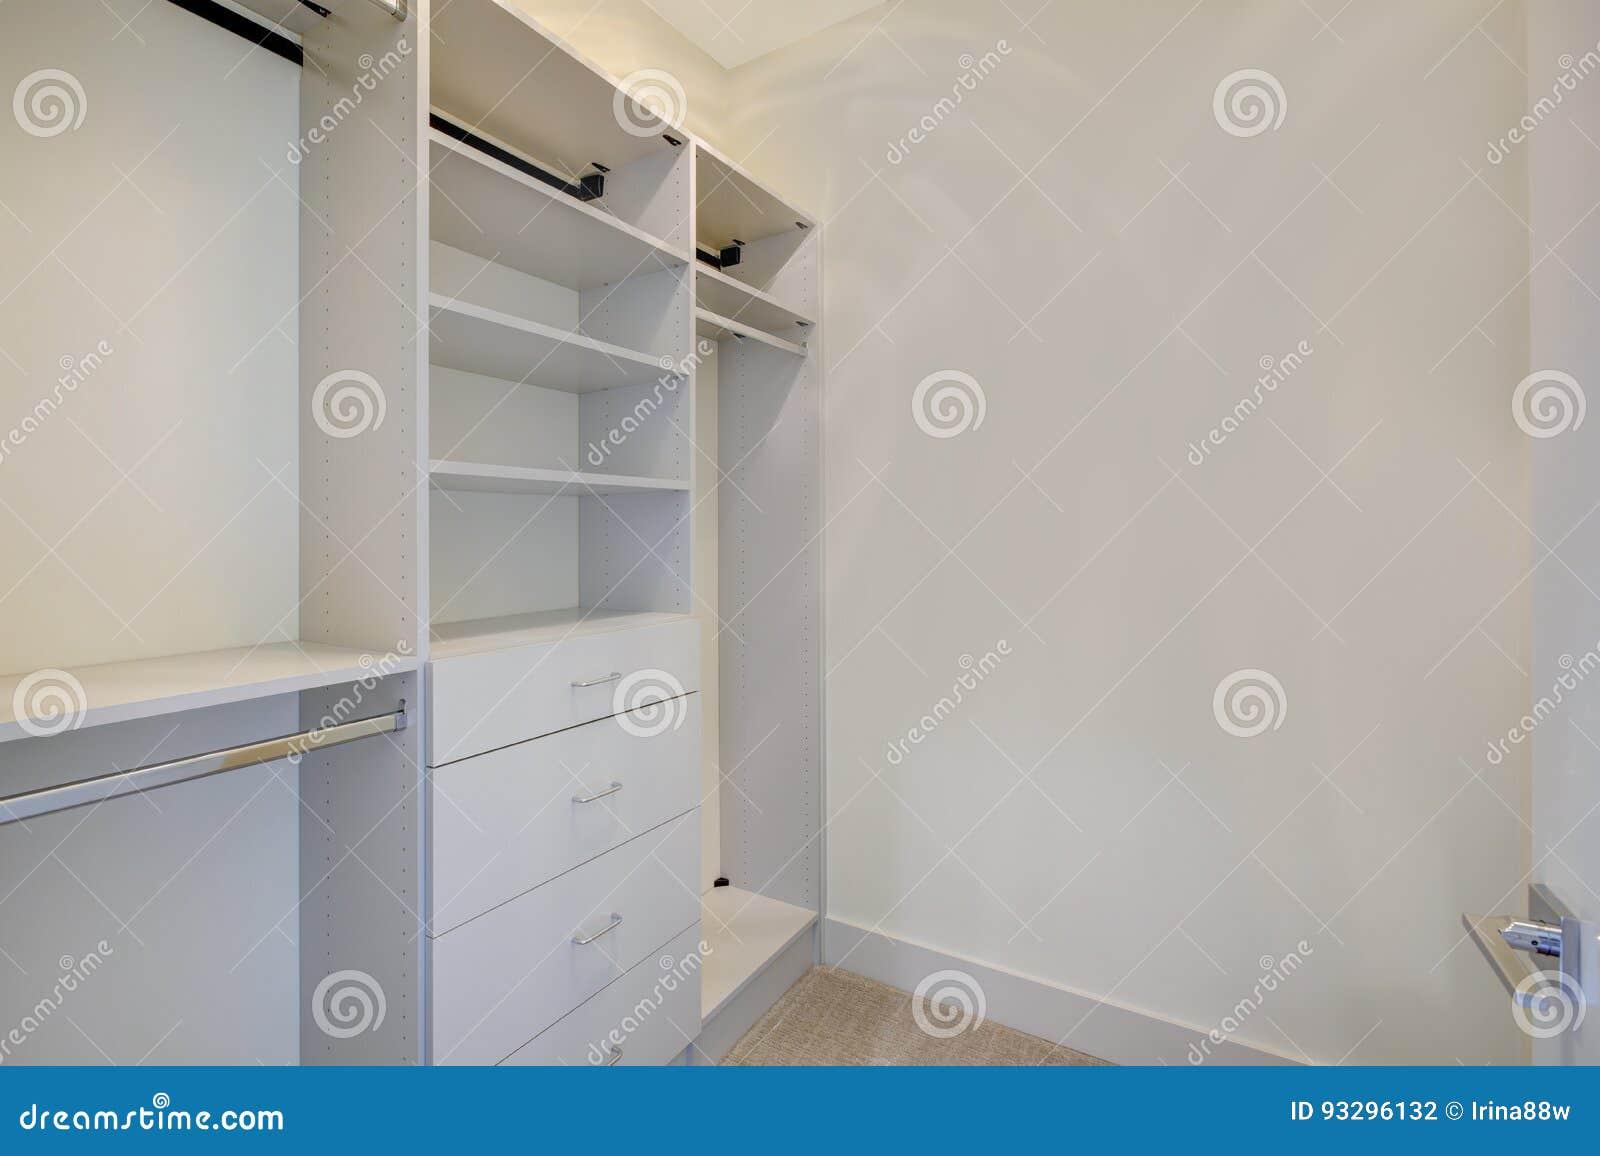 Kast Met Planken : Lege walk in kast met open planken stock foto afbeelding